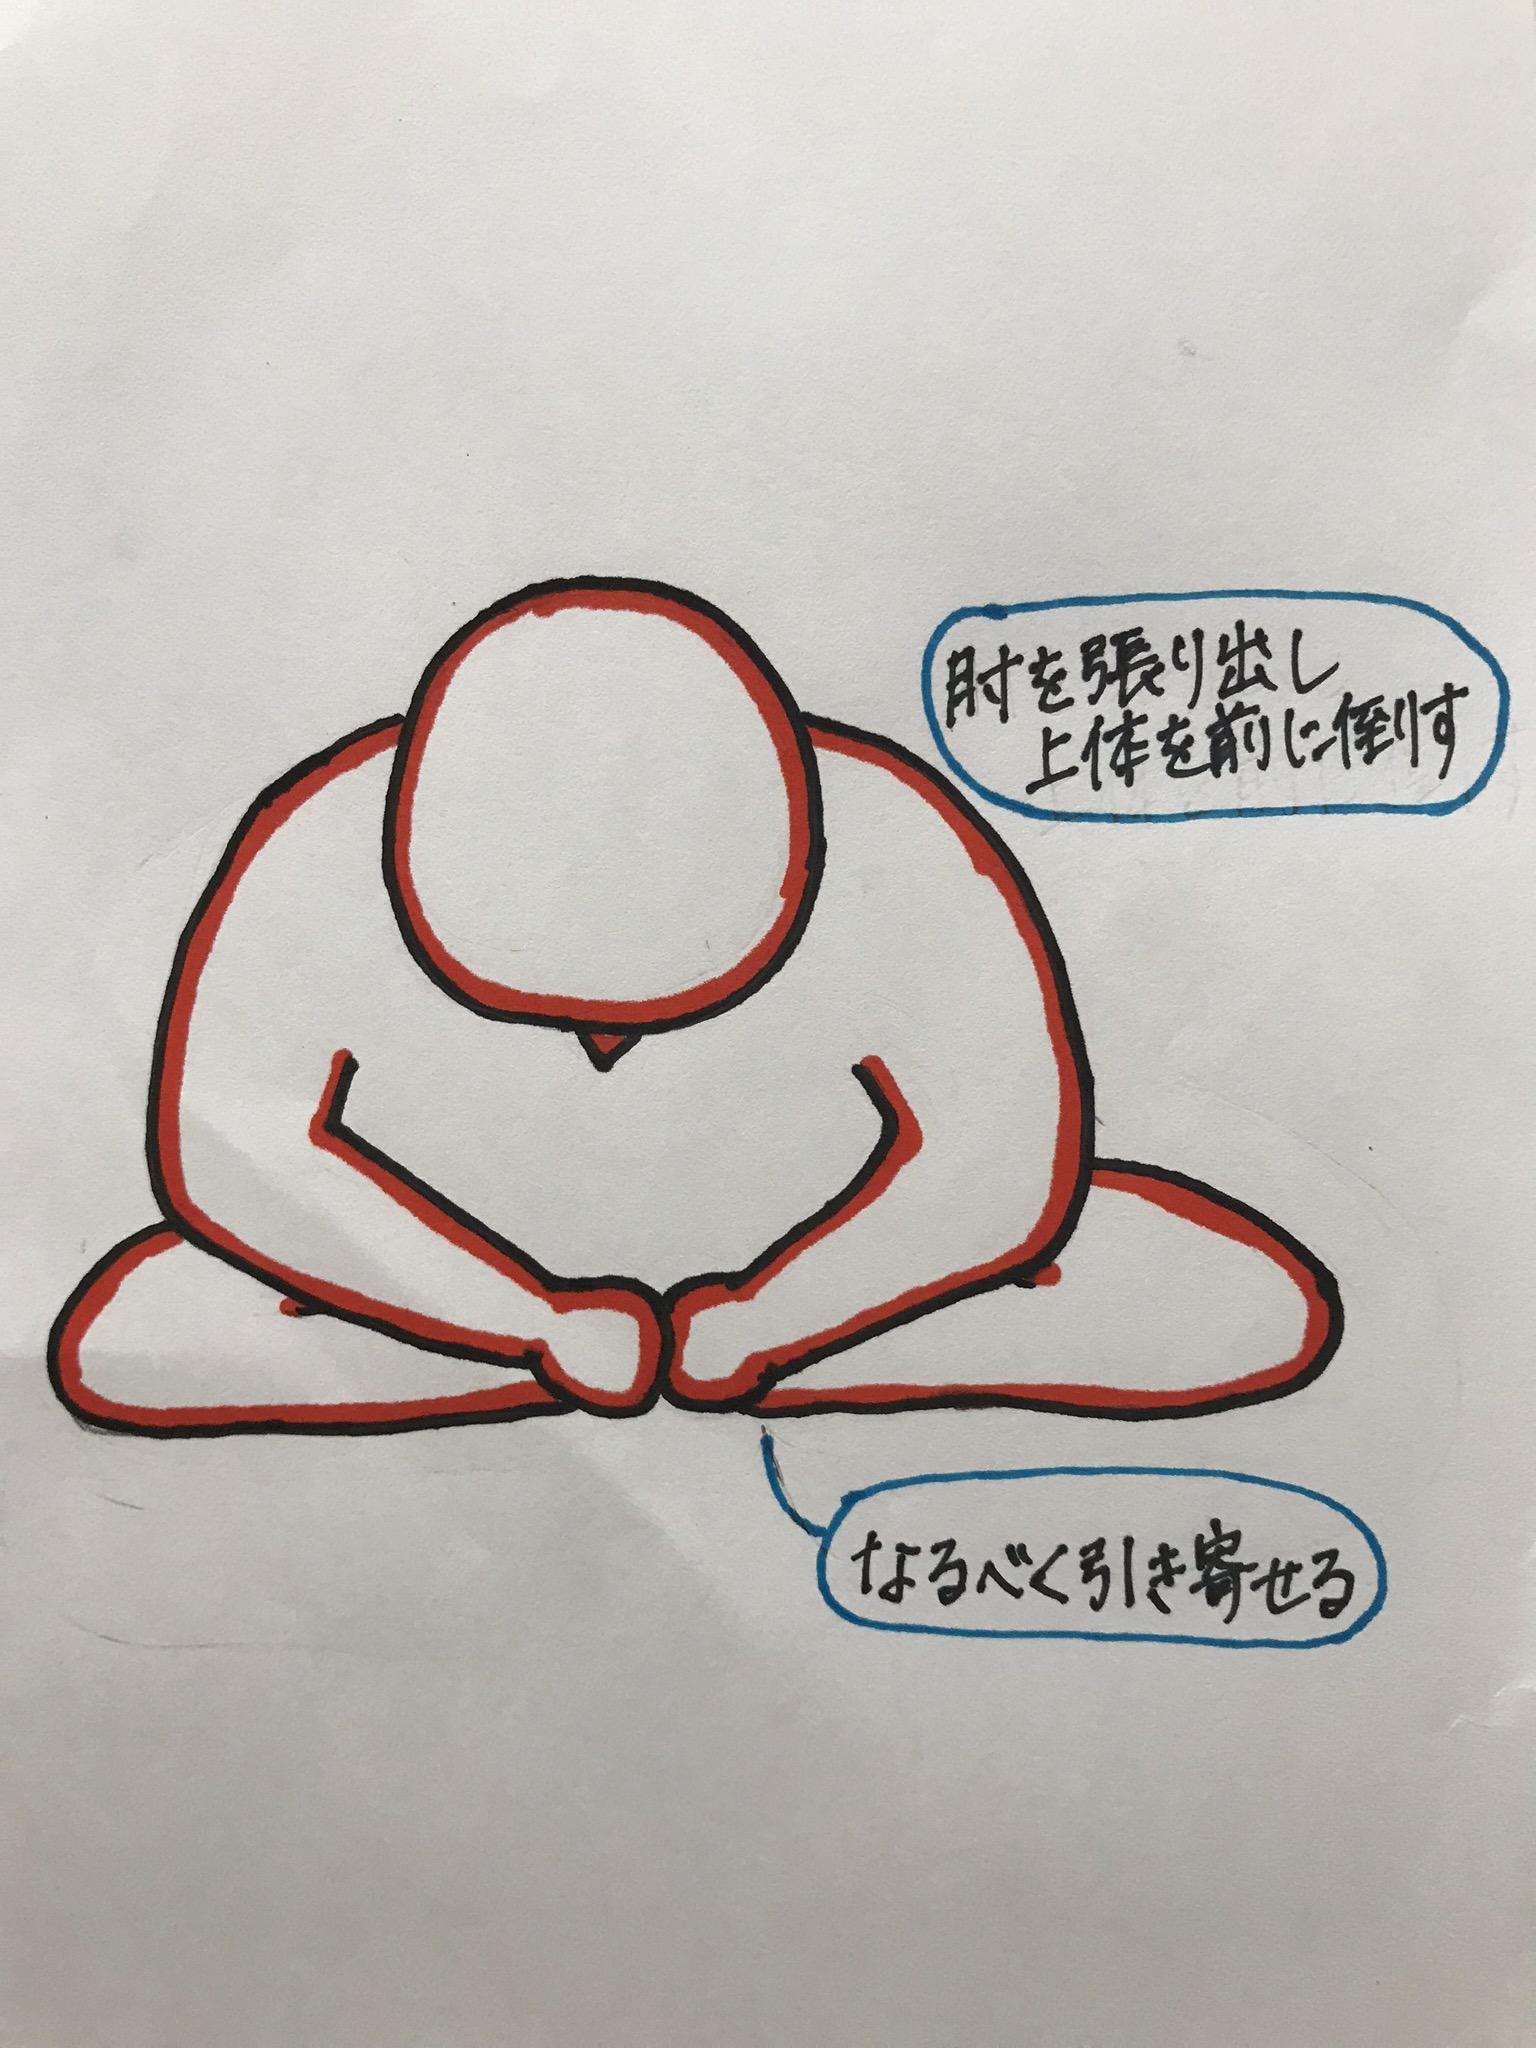 経絡体操 心小腸経